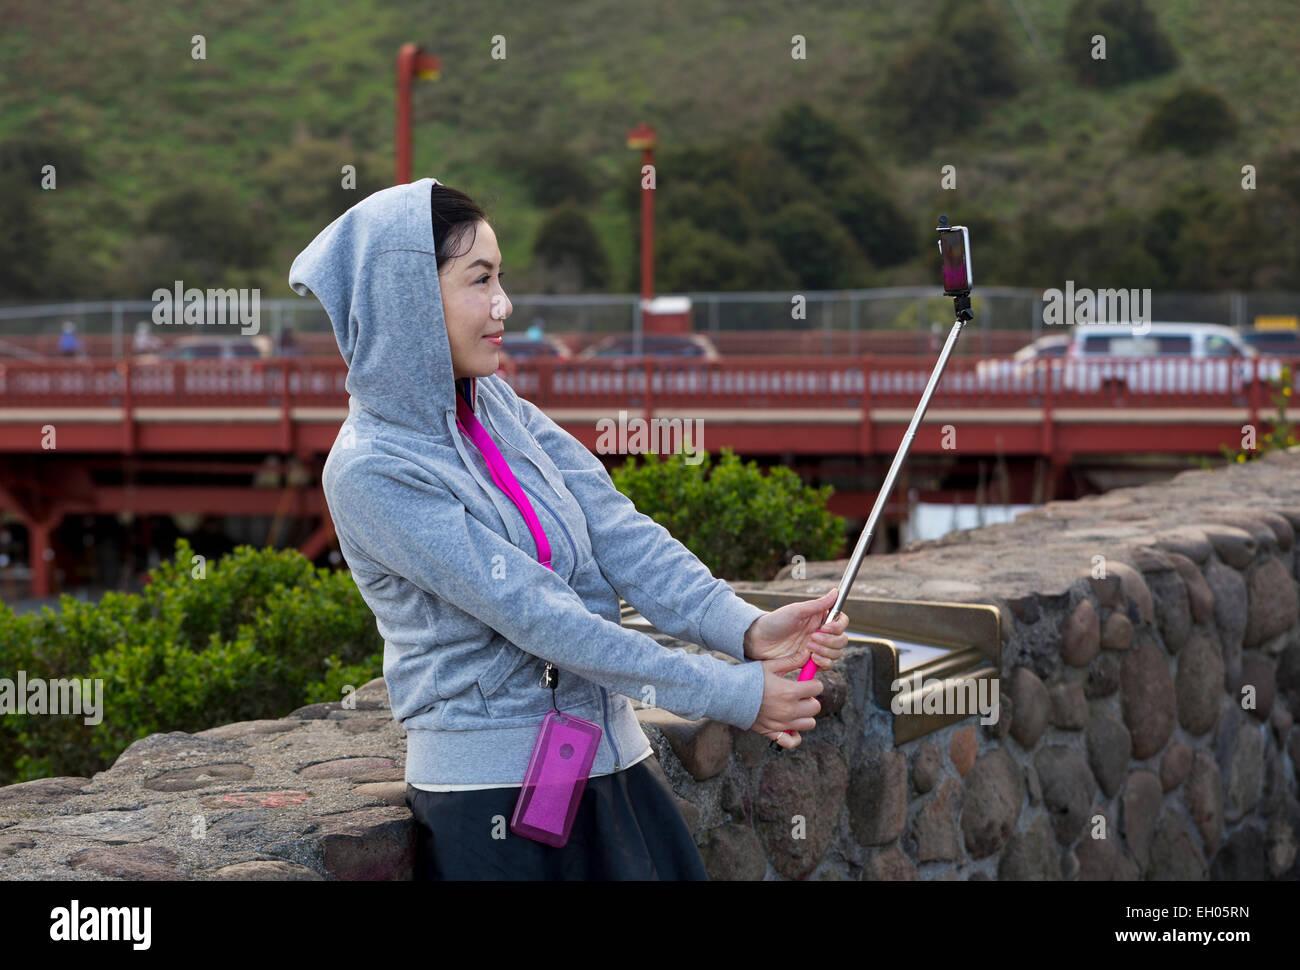 Donna asiatica, selfie stick, tenendo selfie, selfie foto, punto di vista, lato nord del Golden Gate Bridge, città Immagini Stock